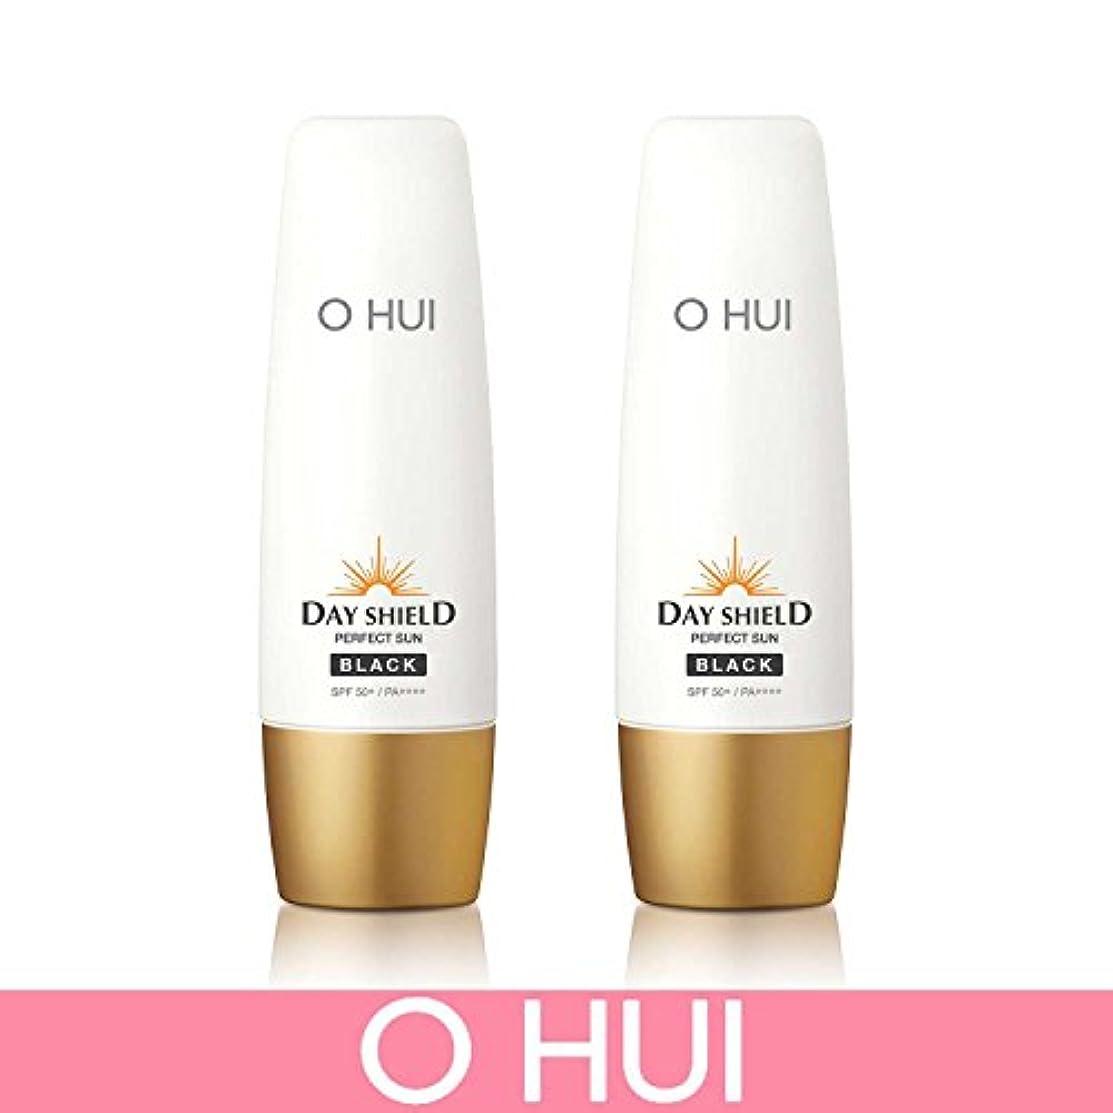 マラウイ不利益申請中[オフィ/ O HUI]韓国化粧品 LG生活健康/ ERFECT SUN BLACK DUO /日焼け止め (SPF50+/PA+++) 50ml +50ml +[Sample Gift](海外直送品)